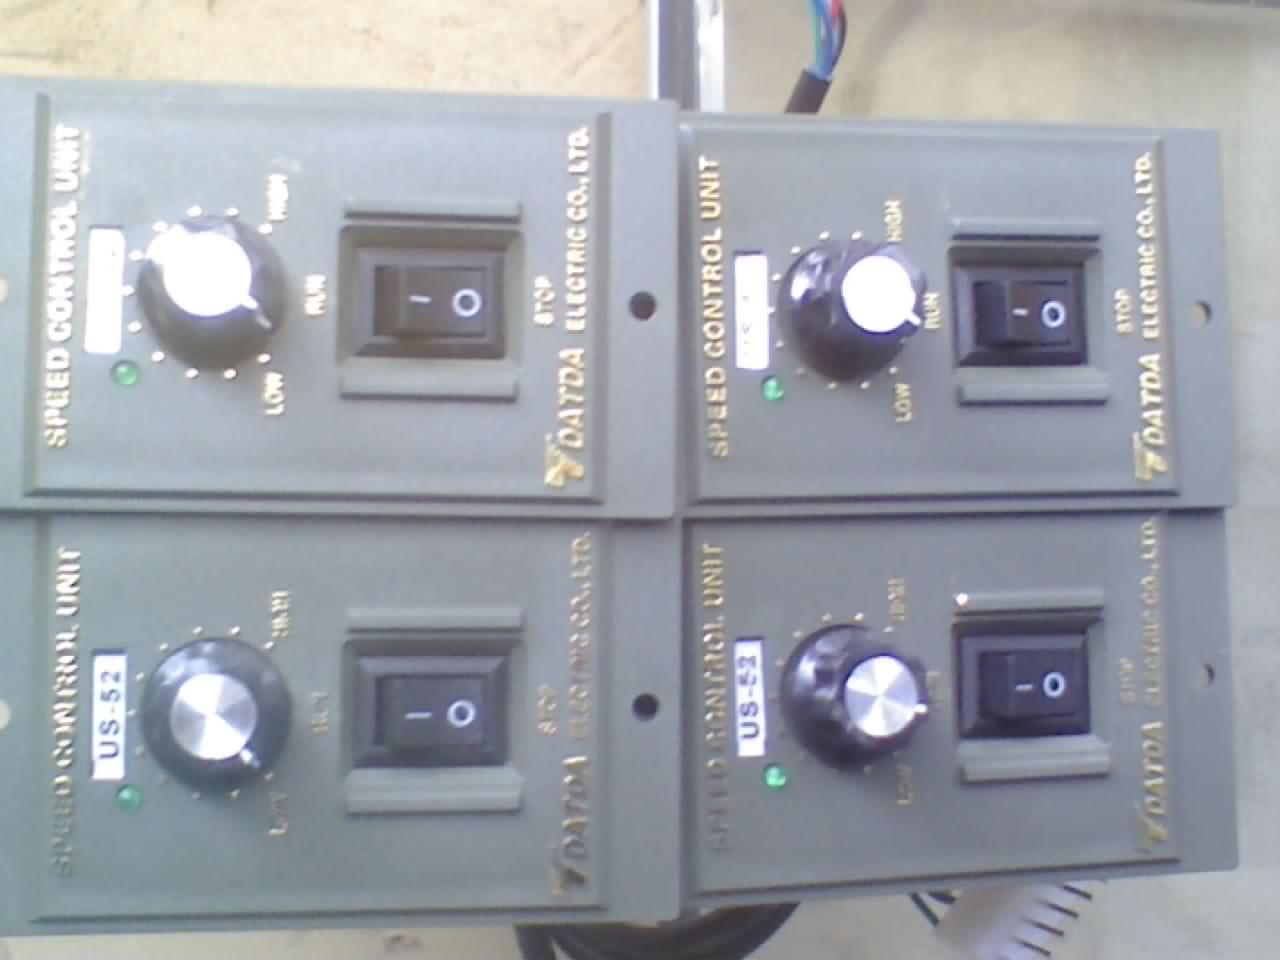 厂家低价供应马达调速器 电机调速器 电磁电机调速器